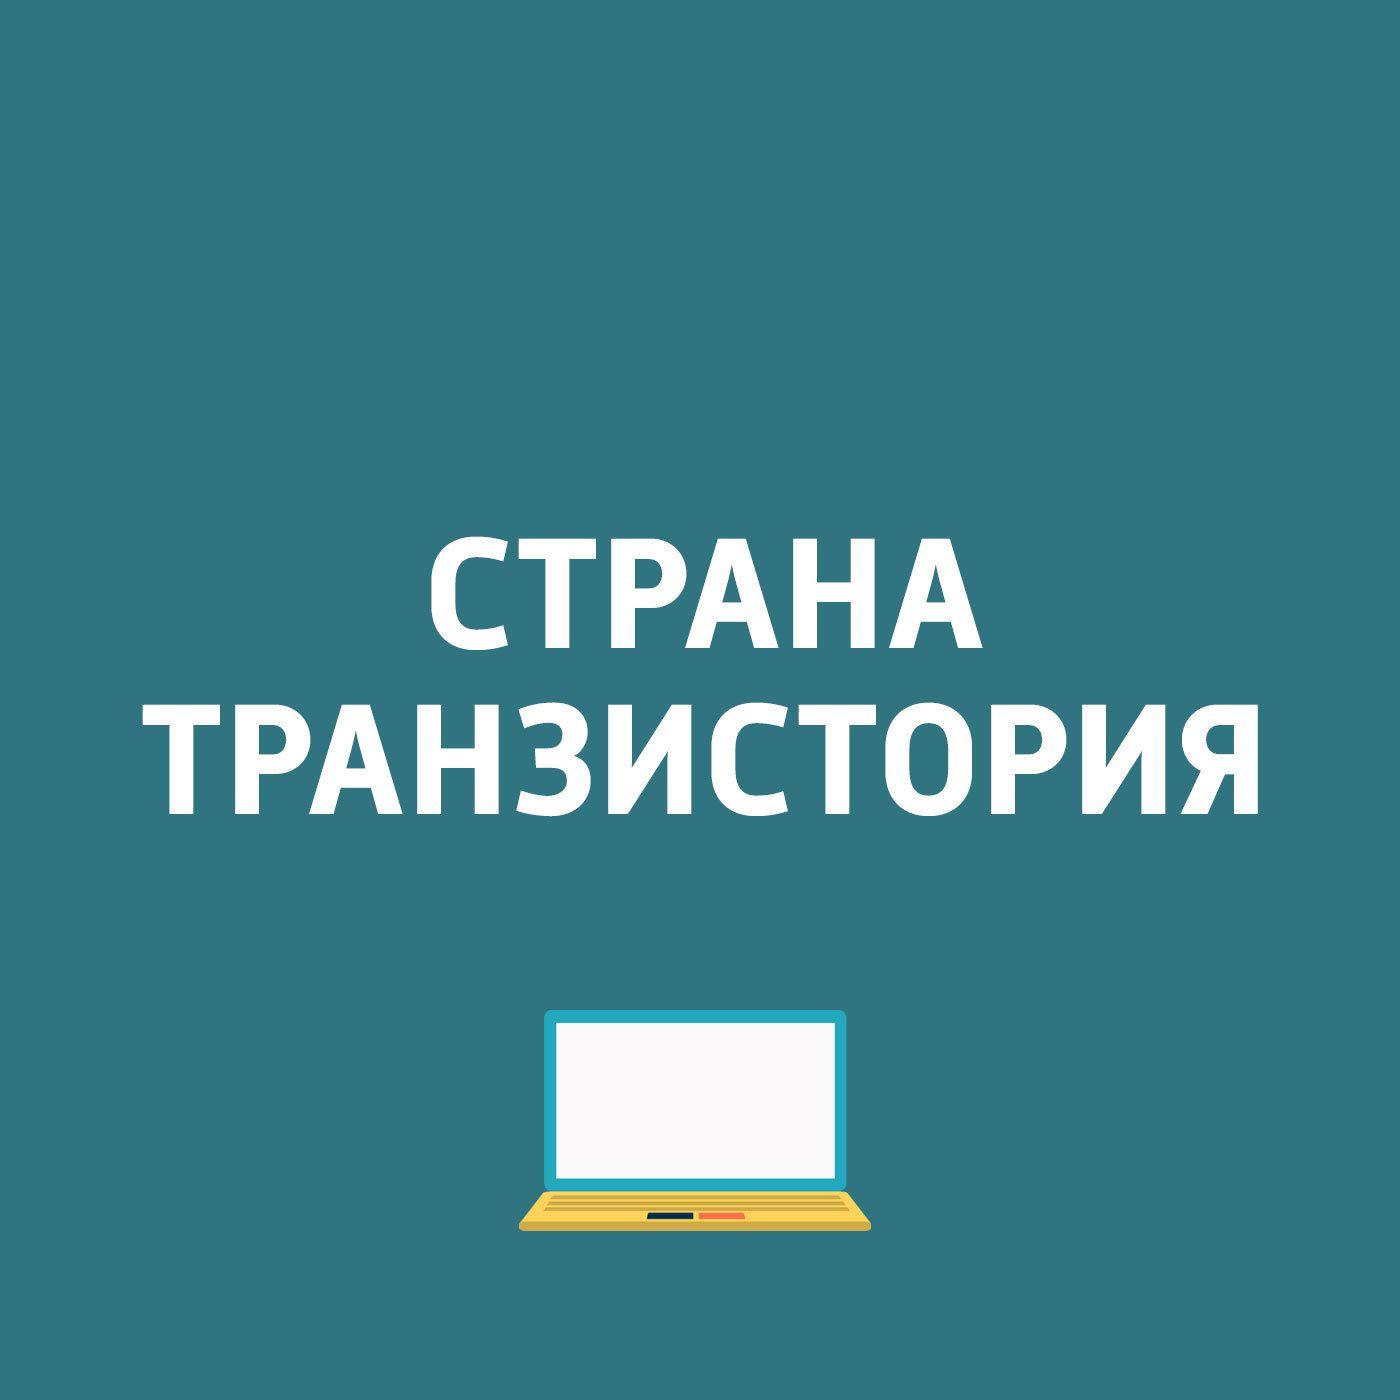 Картаев Павел Беспилотный автомобиль Яндекса в мае появится на дорогах общего пользования в Москве картаев павел в москве прошла российская премьера электромобиля tesla model 3